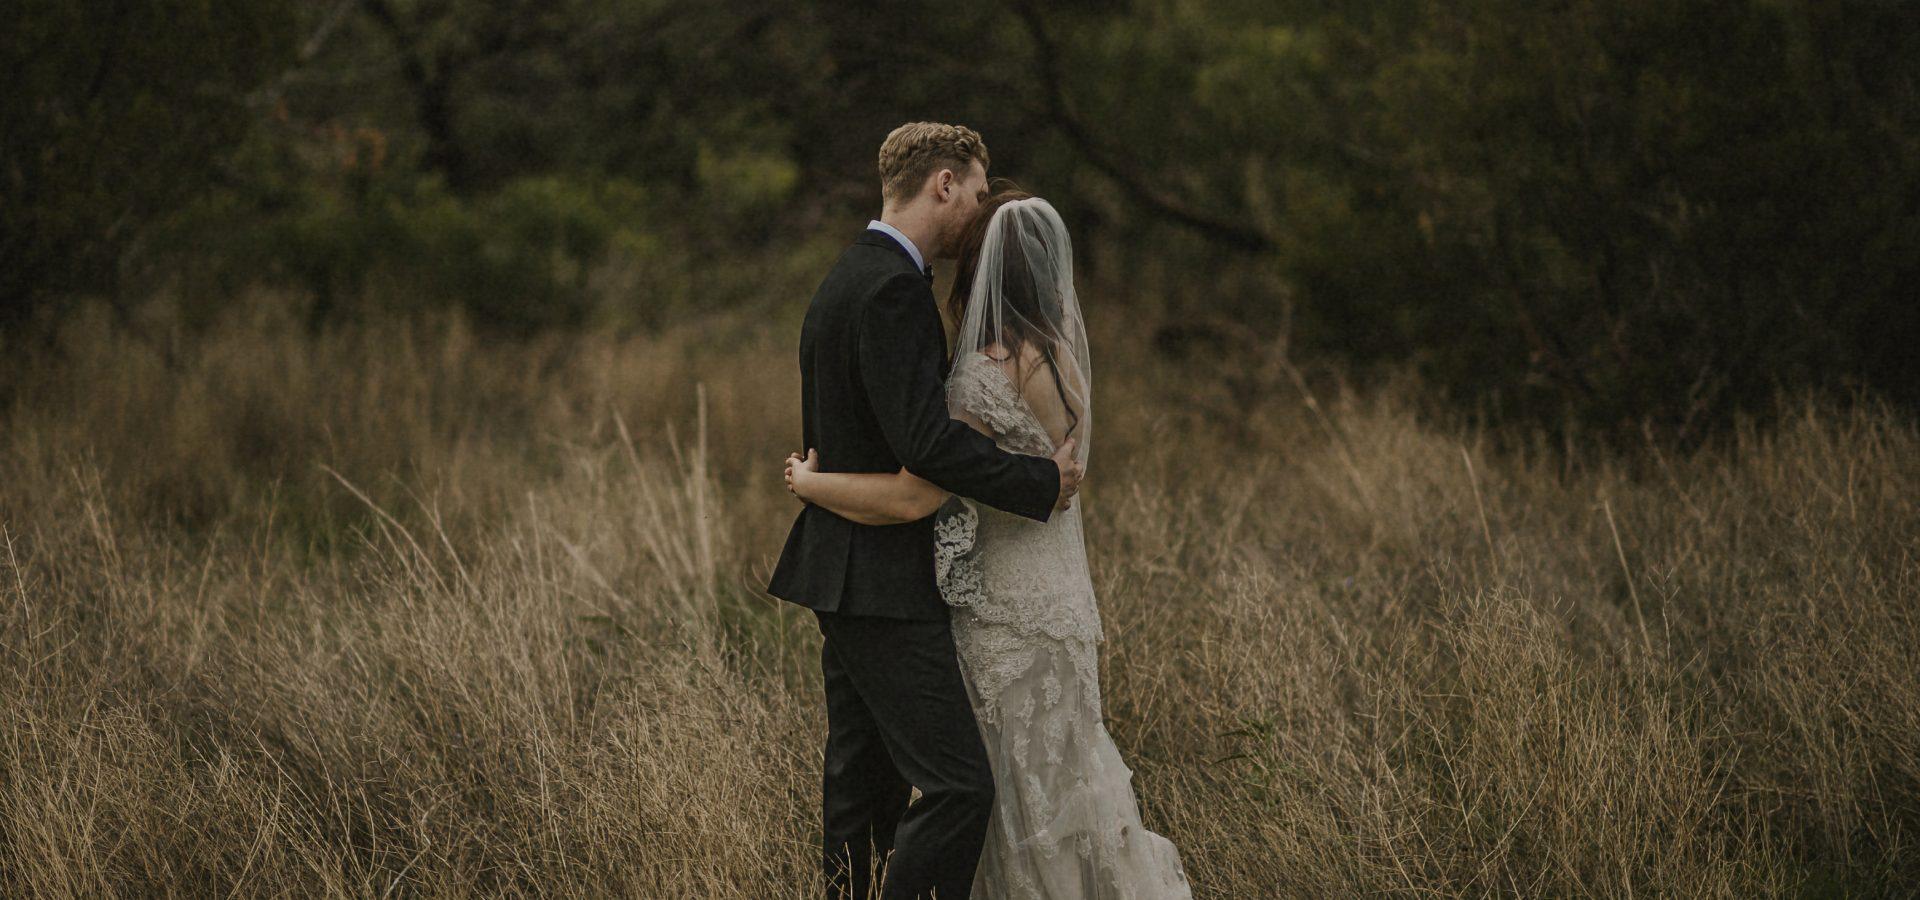 Wedding Photography Palo Duro Canyon Houston